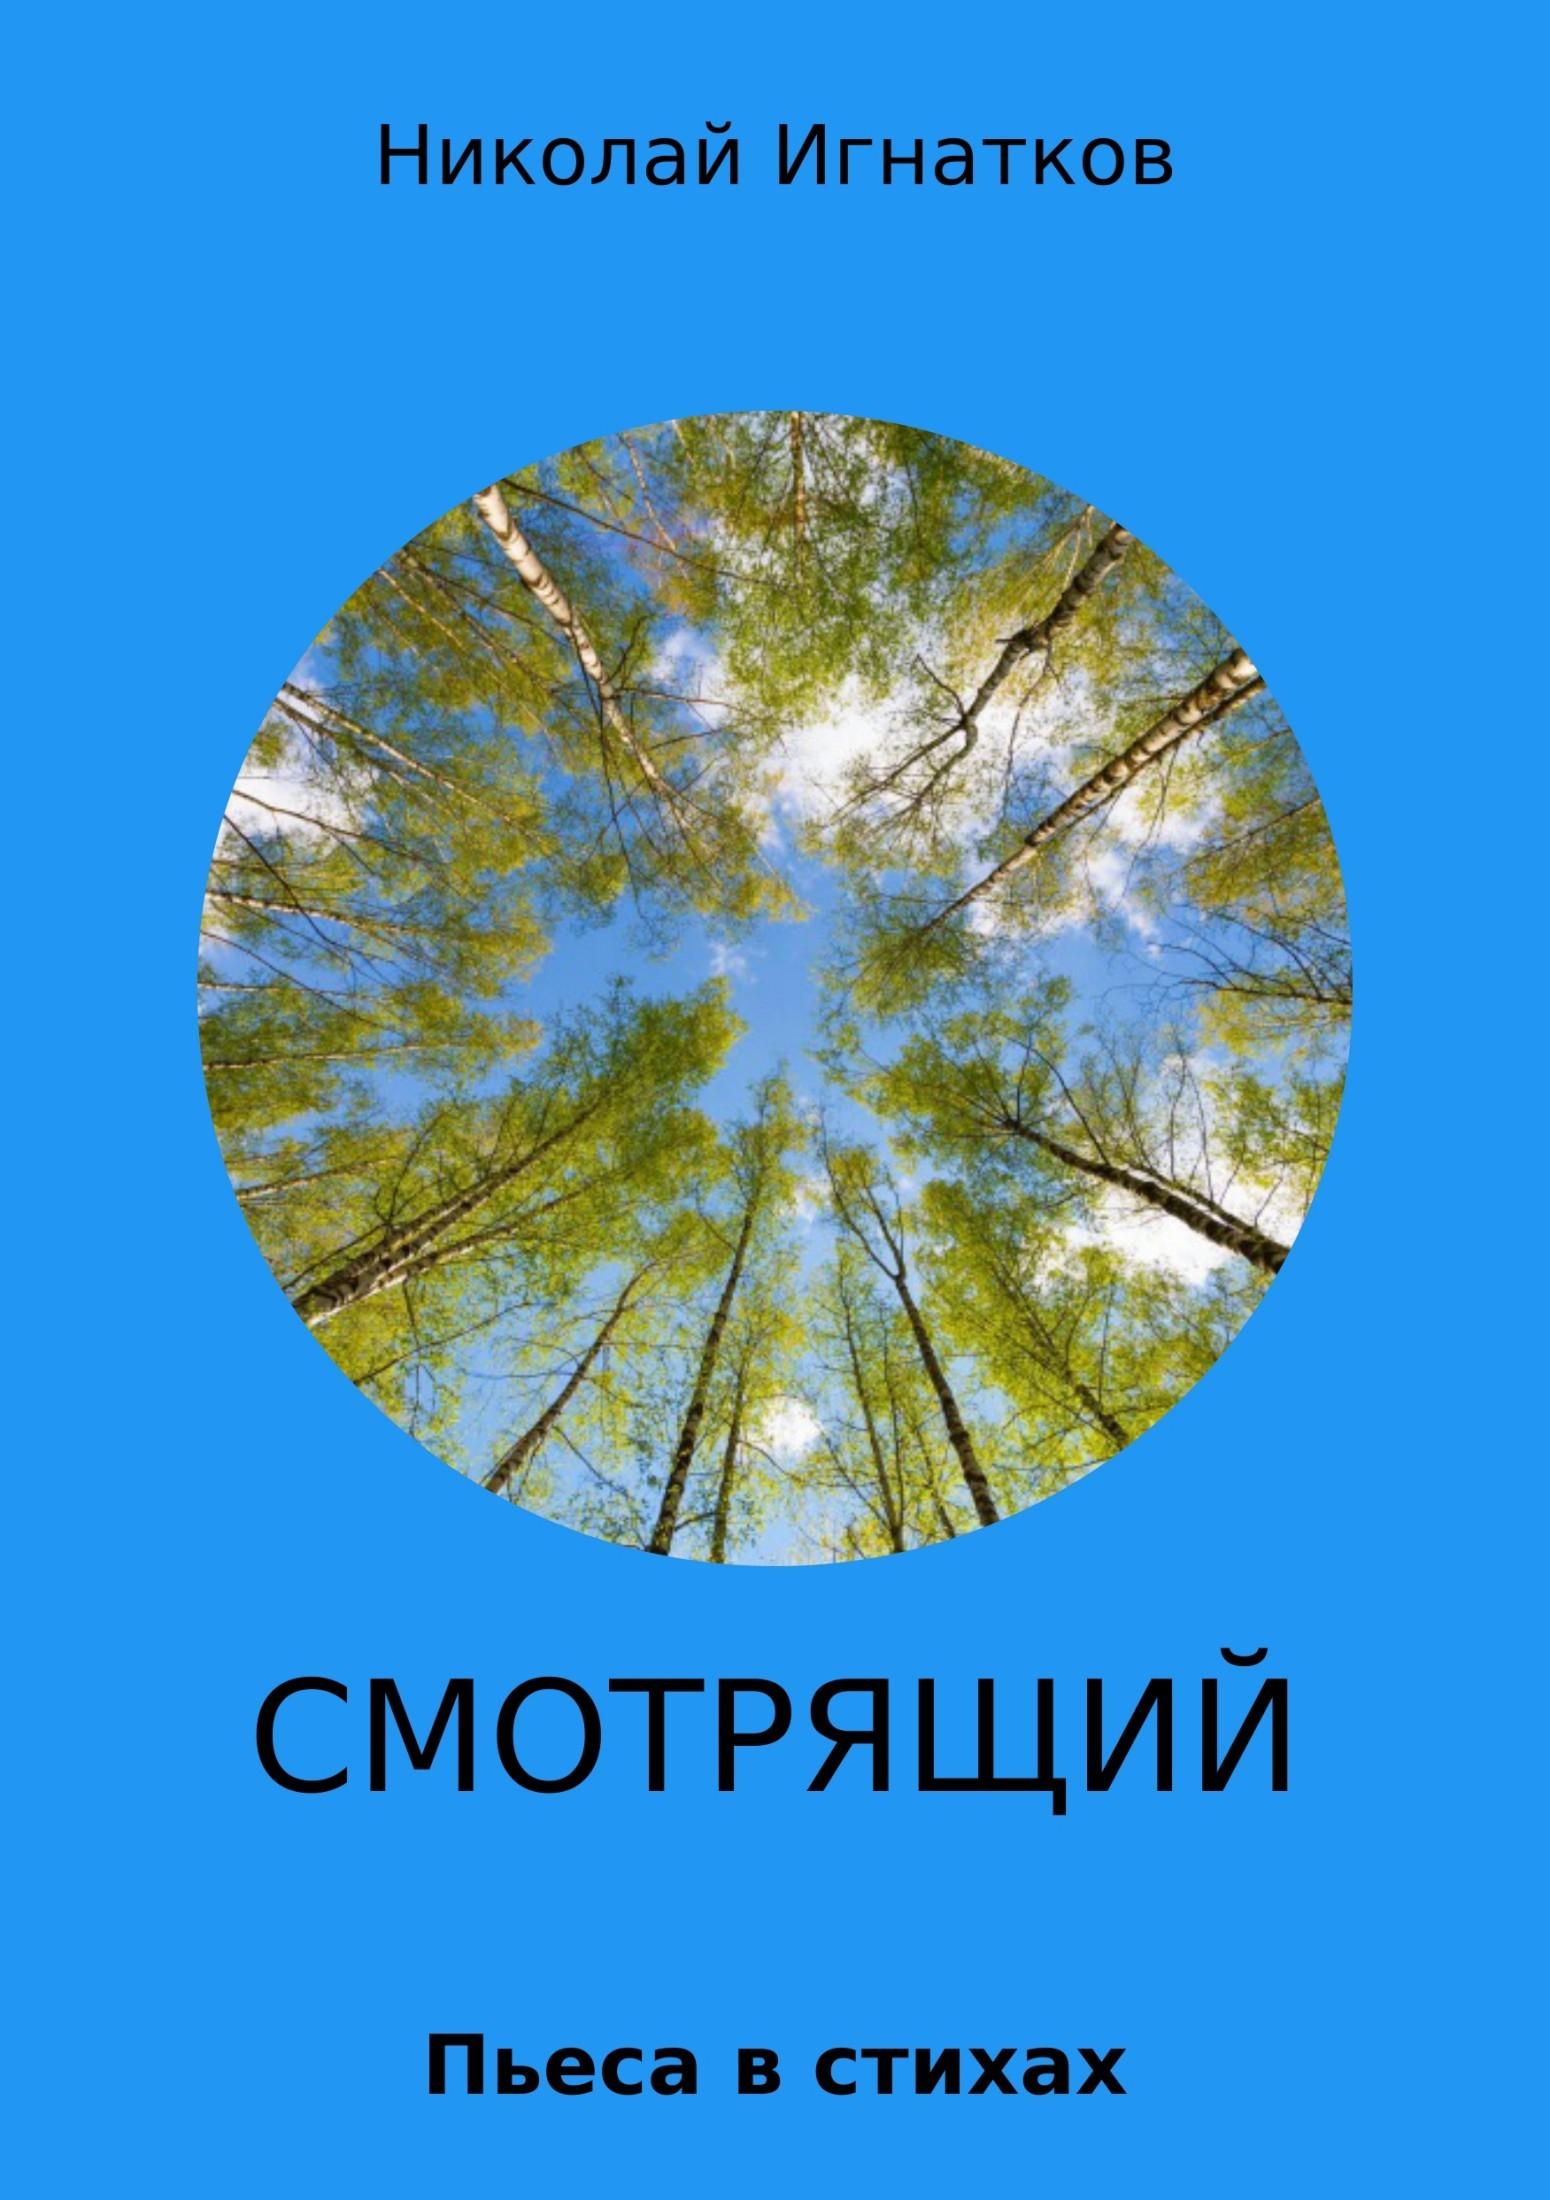 Николай Игнатков - Смотрящий